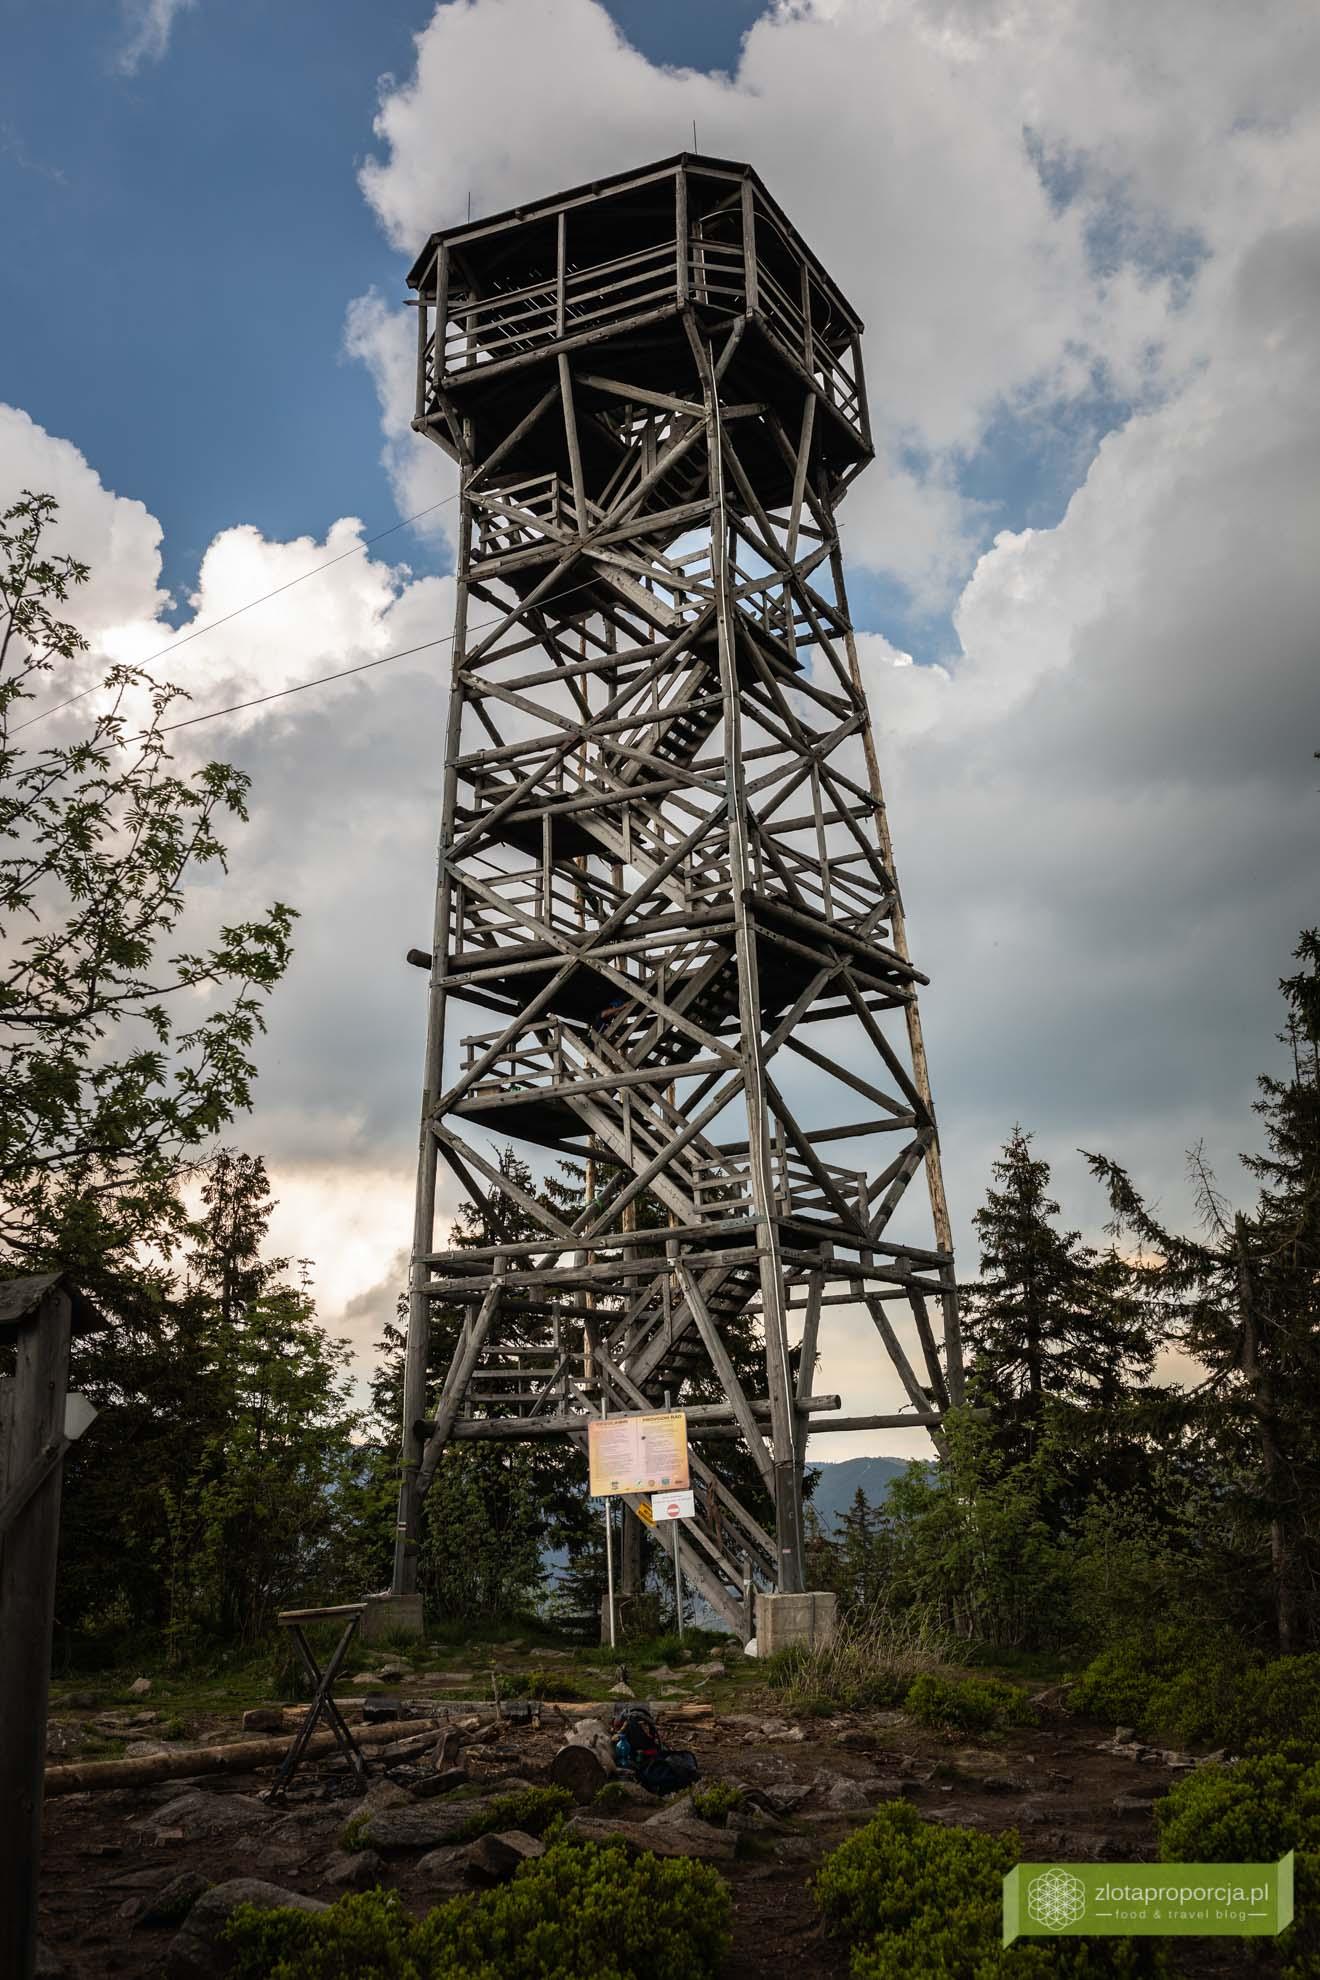 wieża na Trójmorskim Wierchu; Masyw Śnieżnika; Trójmorski Wierch; Trójmorski Wierch z Jodłowa; Kotlina Kłodzka, Dolny Śląsk; wieża widokowa Tójmorski Wierch